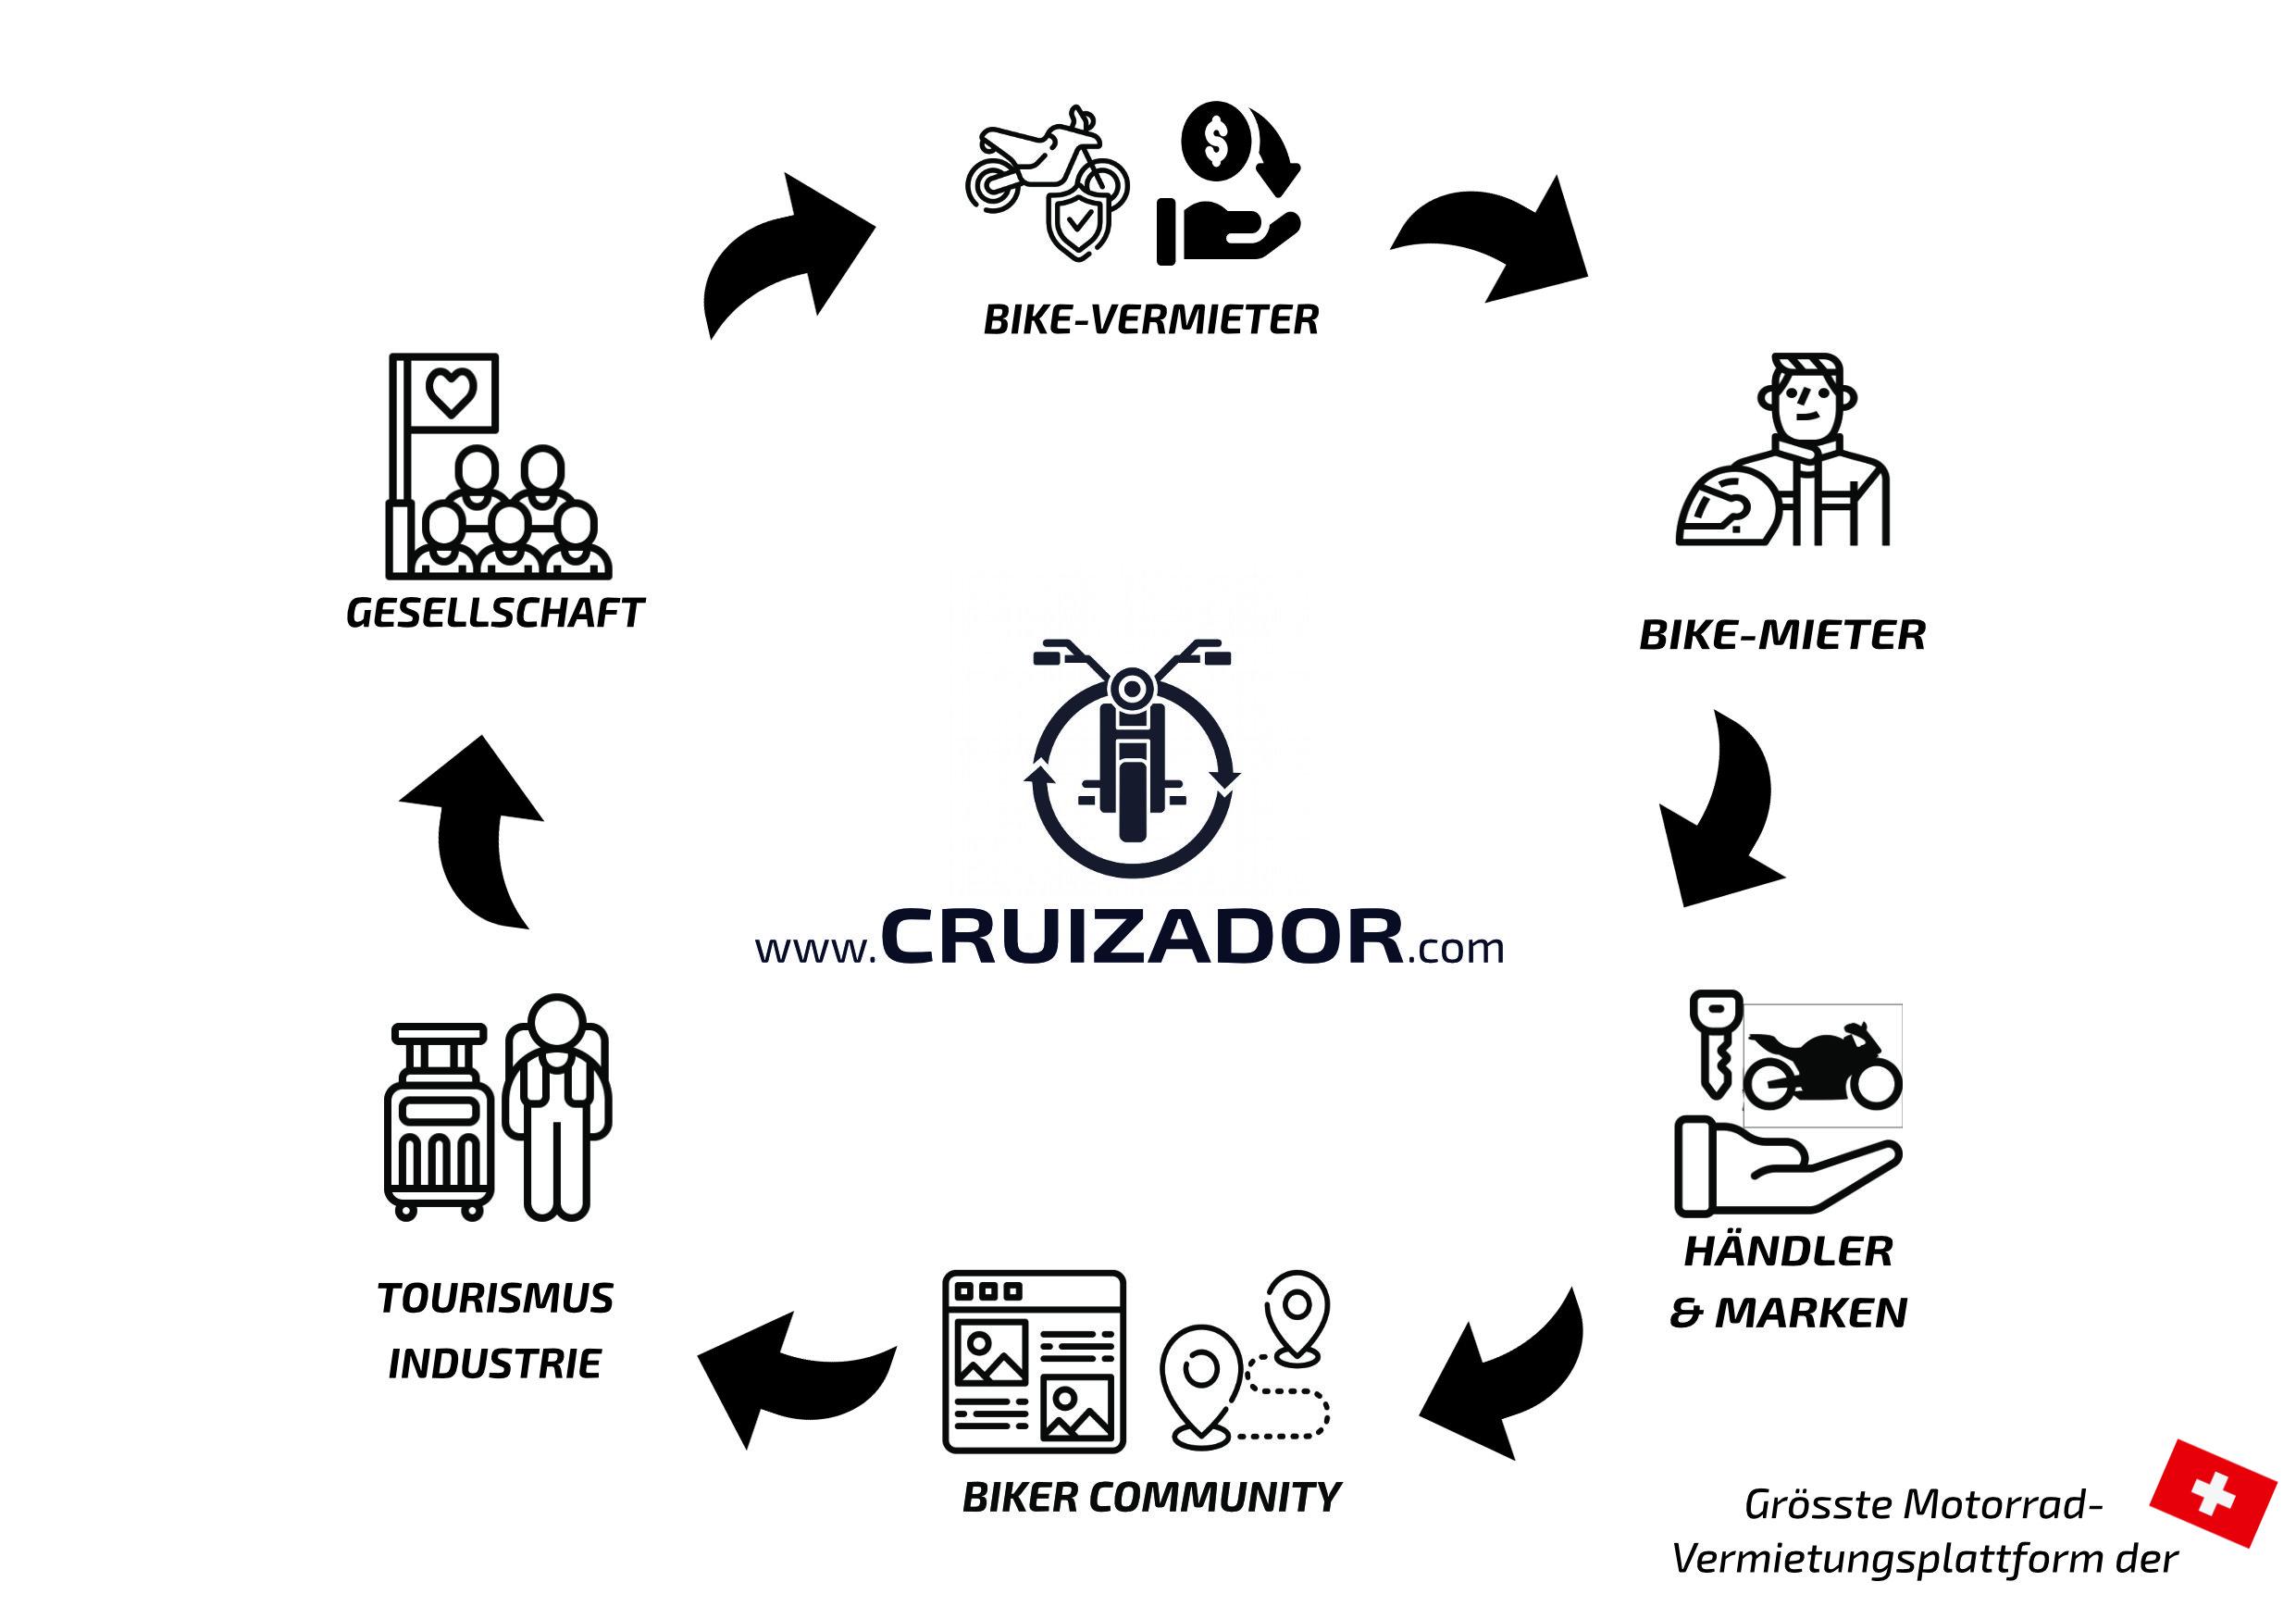 Cruizador_Ökosystem_zusammengefasst